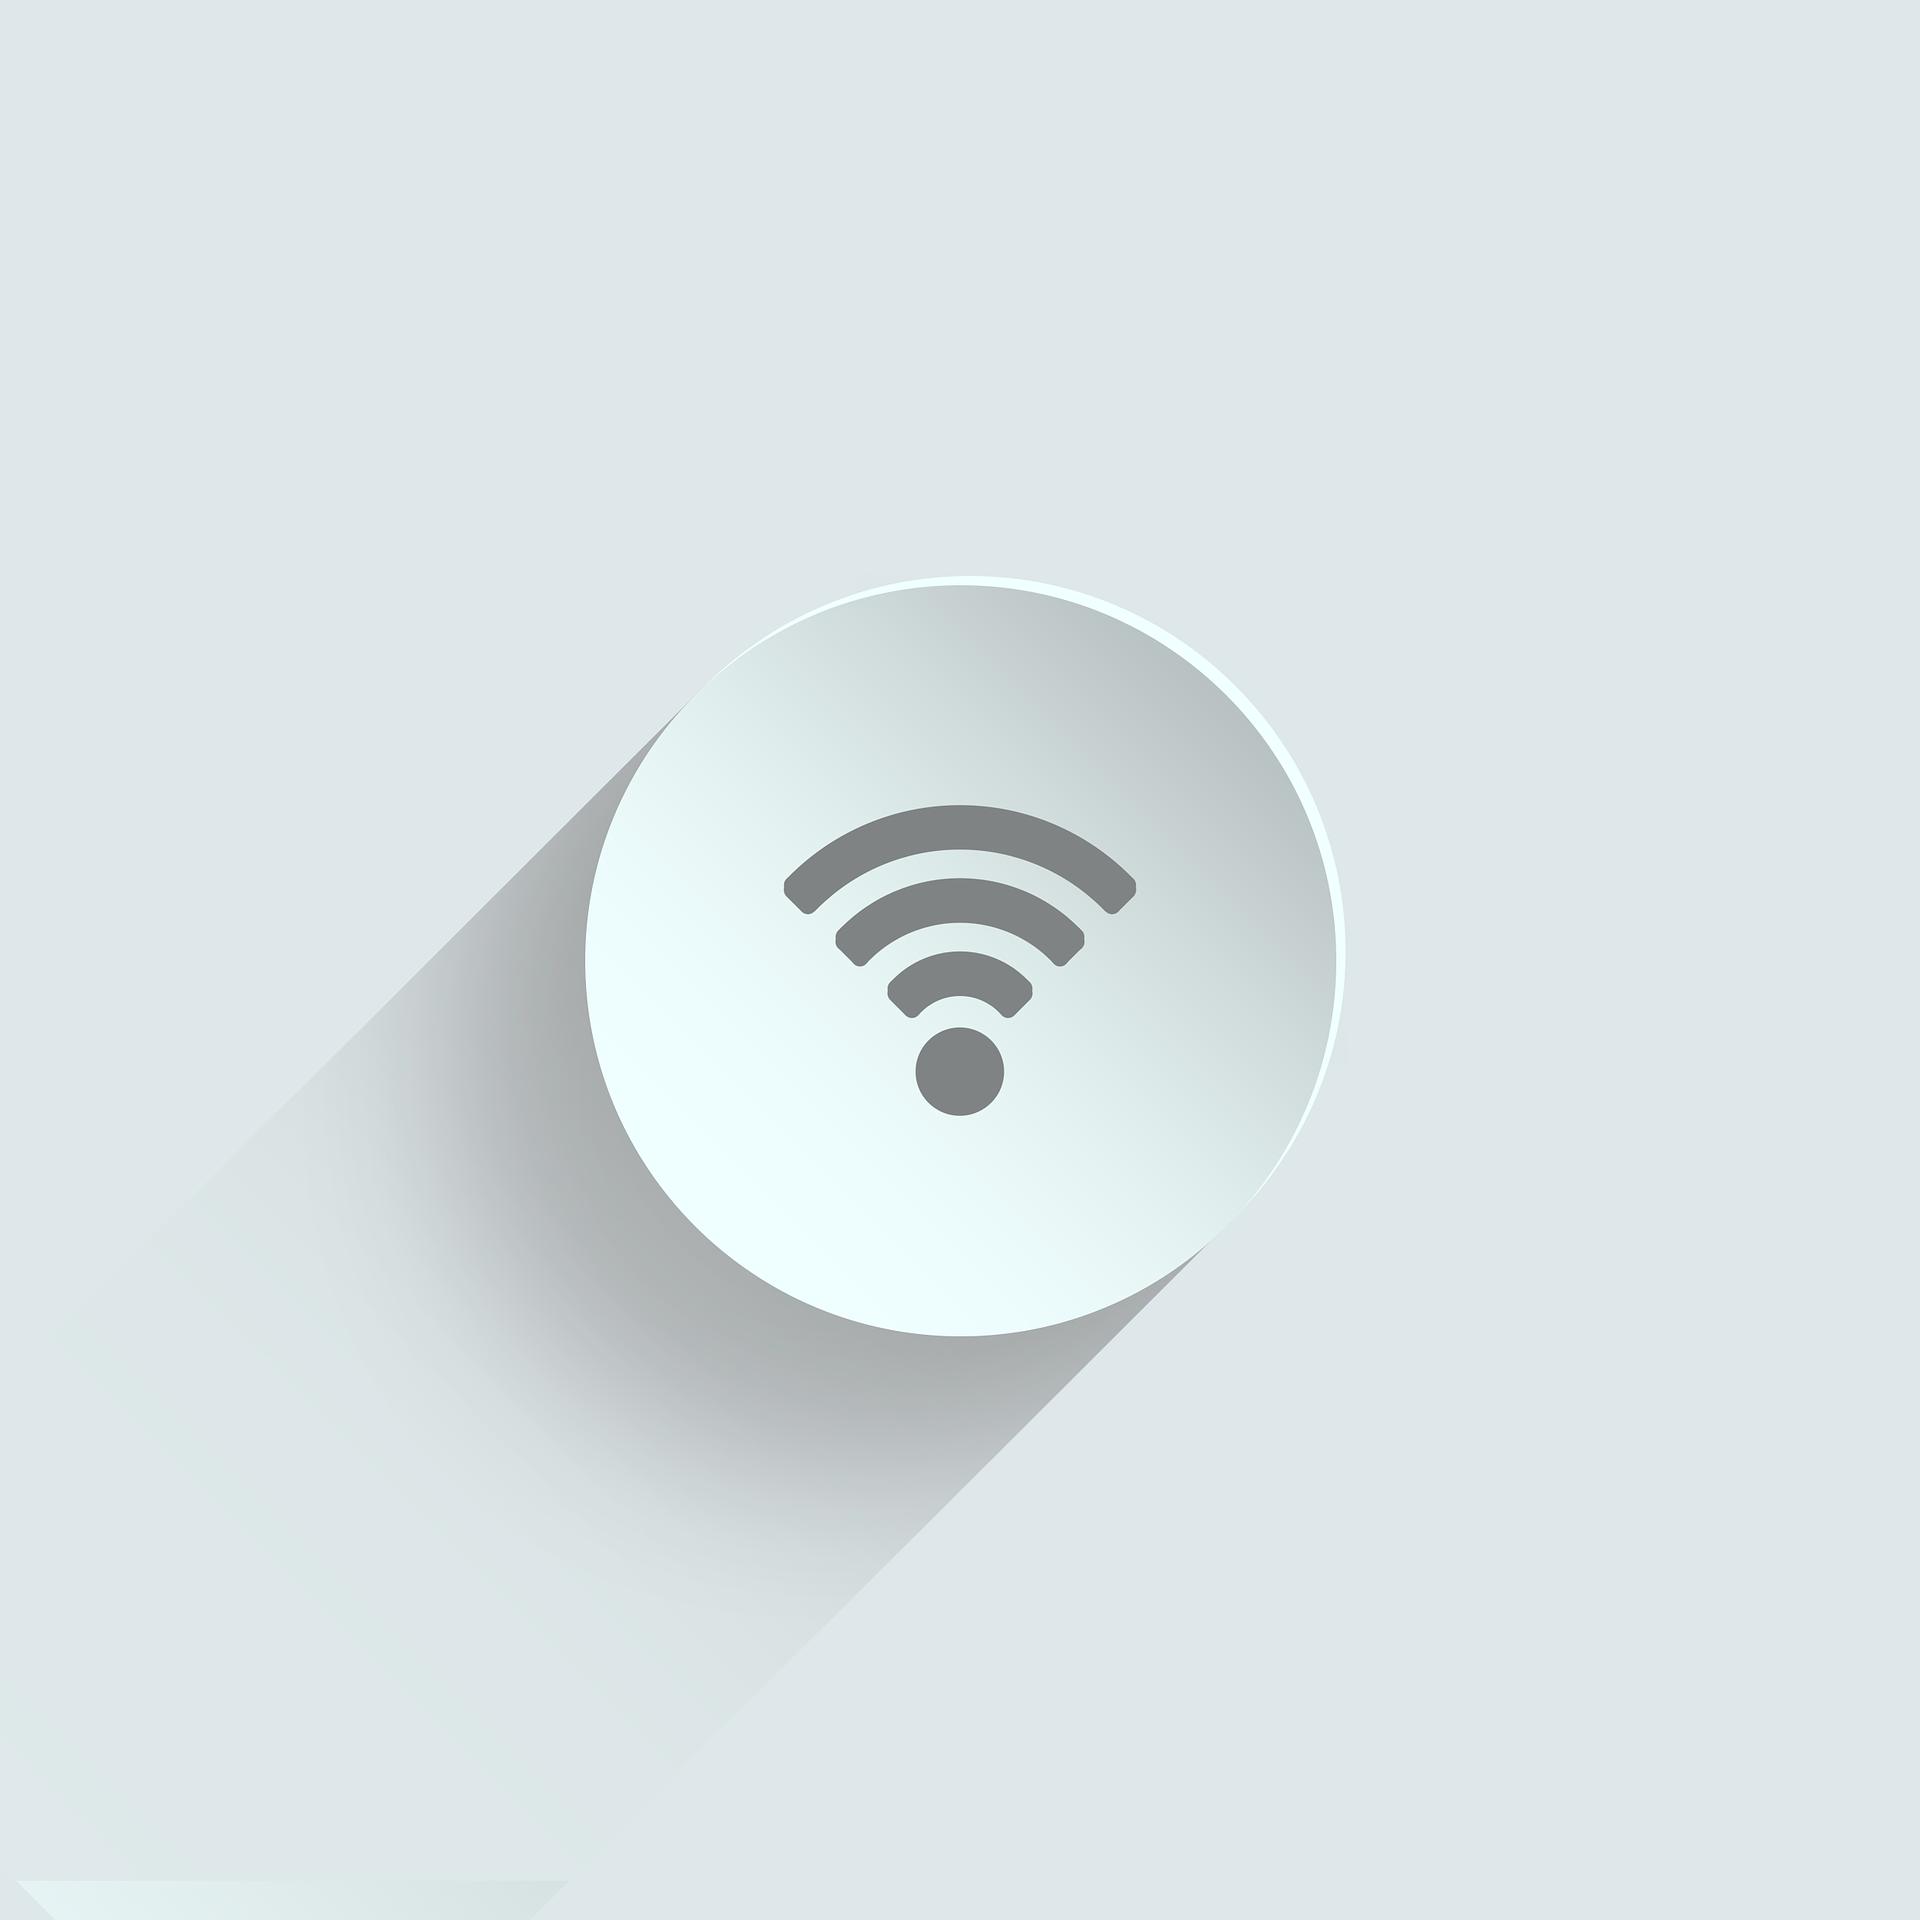 רשתות WiFi